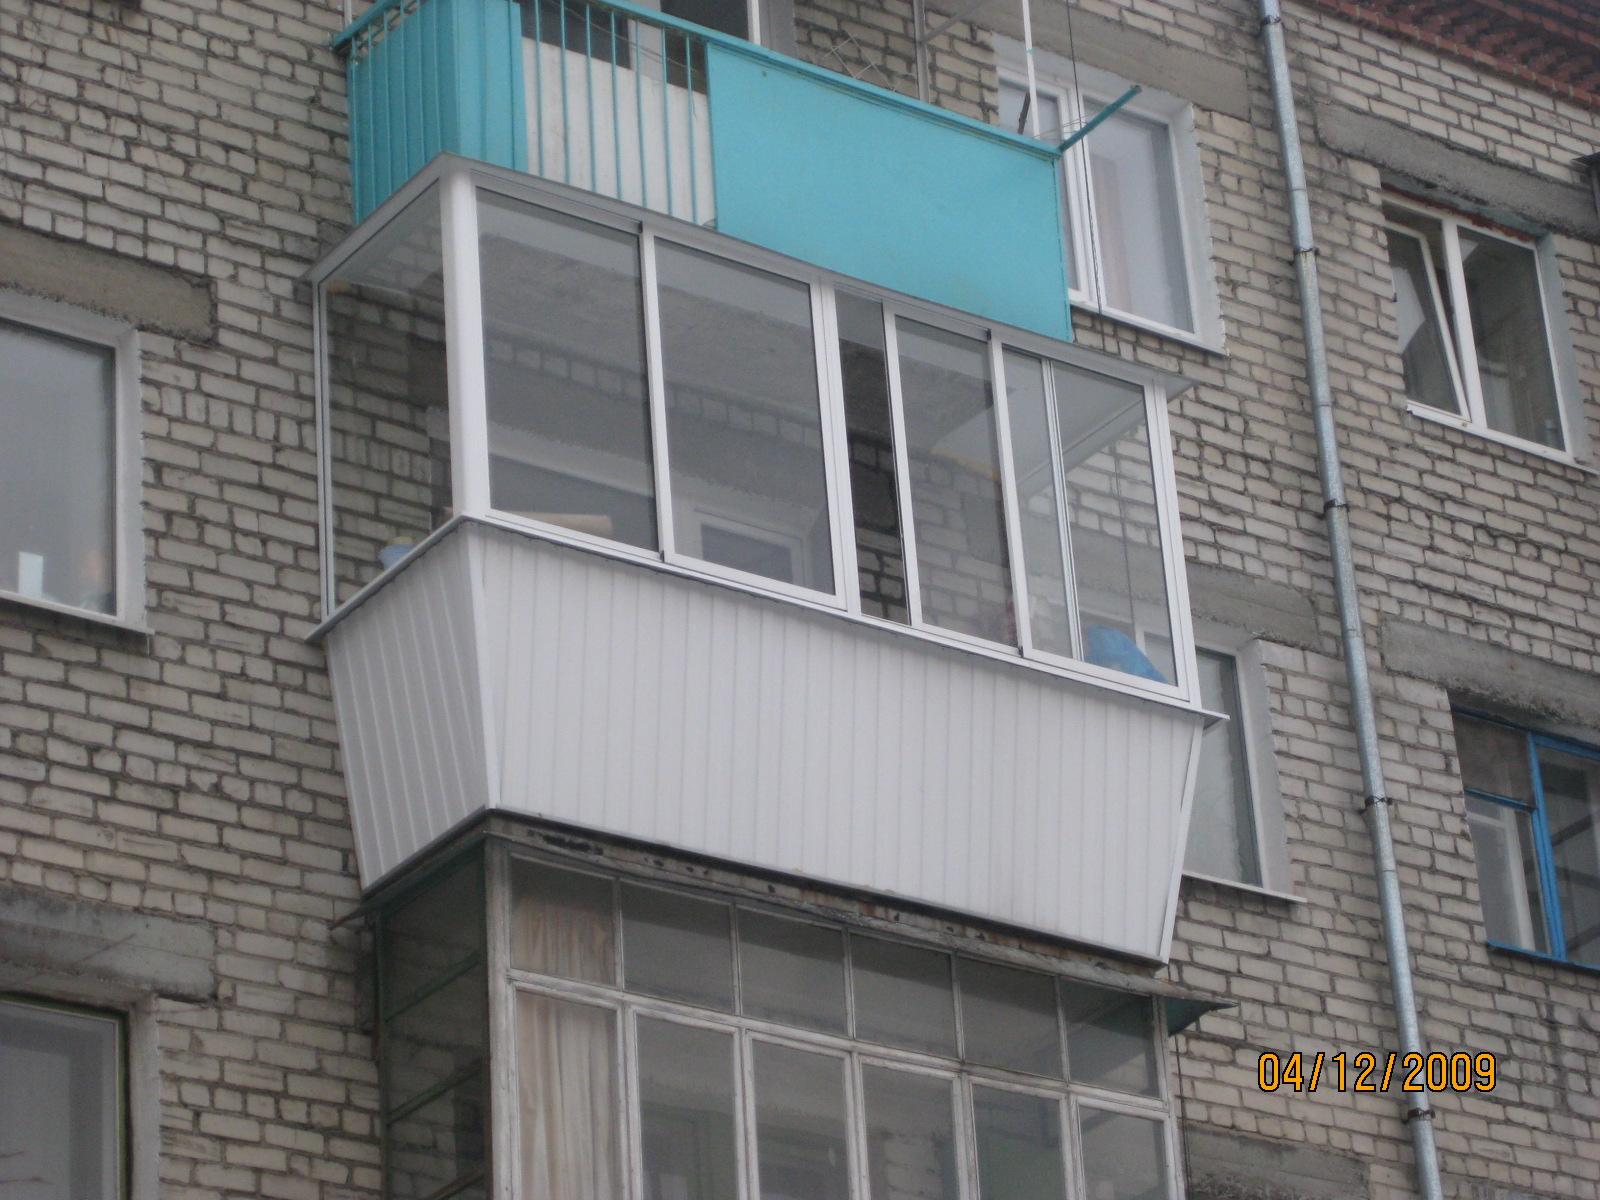 Остекление балкона с расширением на 3 стороны.